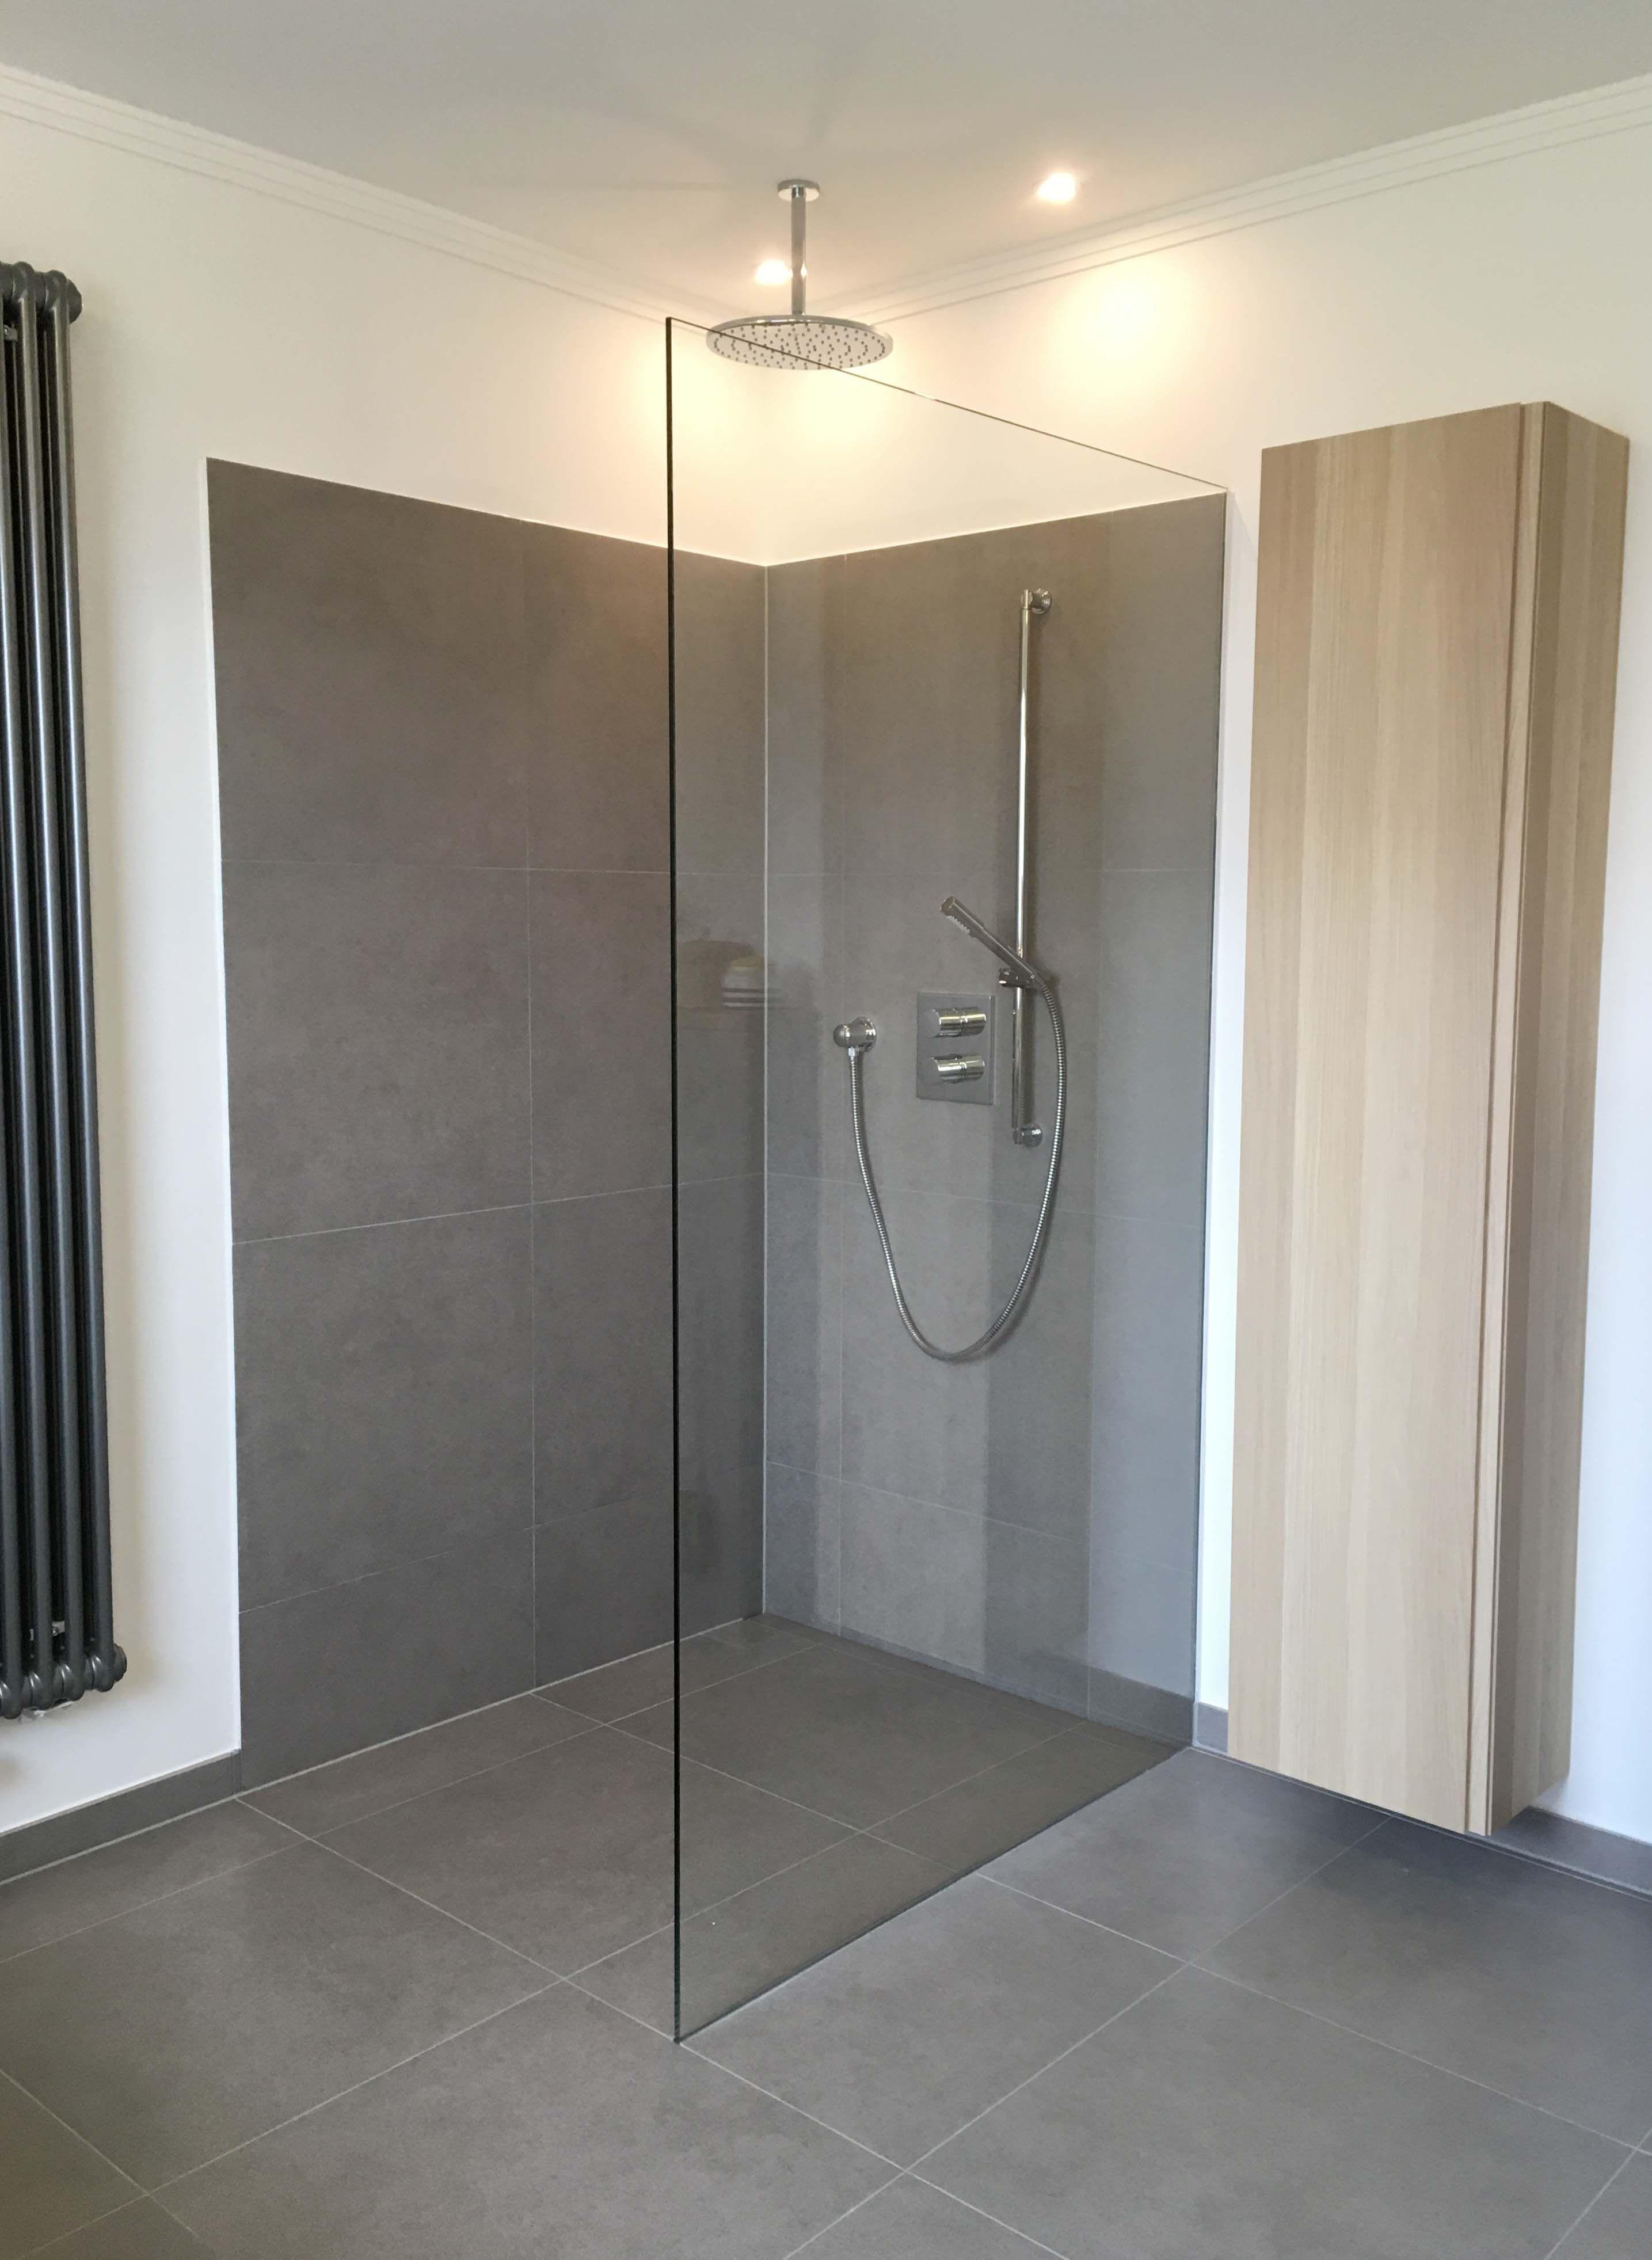 Dusche Ebenerdig Grau Fliesen Glasabtrennung Rainshower Badezimmer Dusche Fliesen Graue Fliesen Badezimmer Fliesen Grau